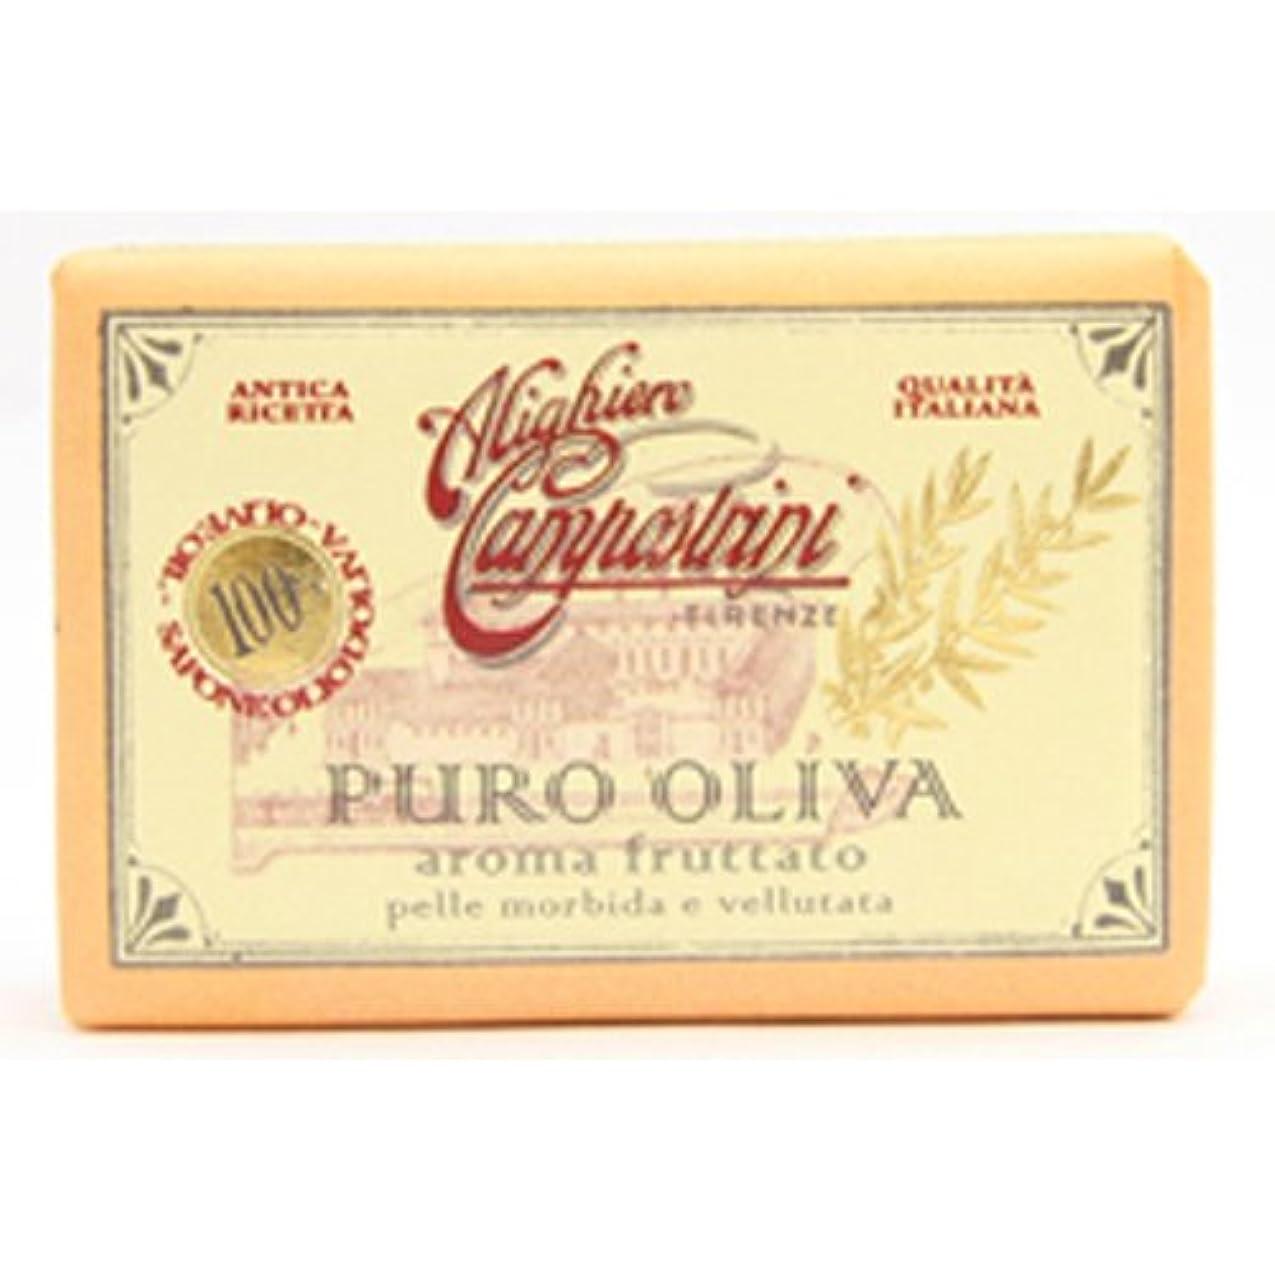 ブレイズ廃棄借りるSaponerire Fissi サポネリーフィッシー PURO OLIVA Soap オリーブオイル ピュロ ソープ Aroma fruttato フルーツ(オレンジ)